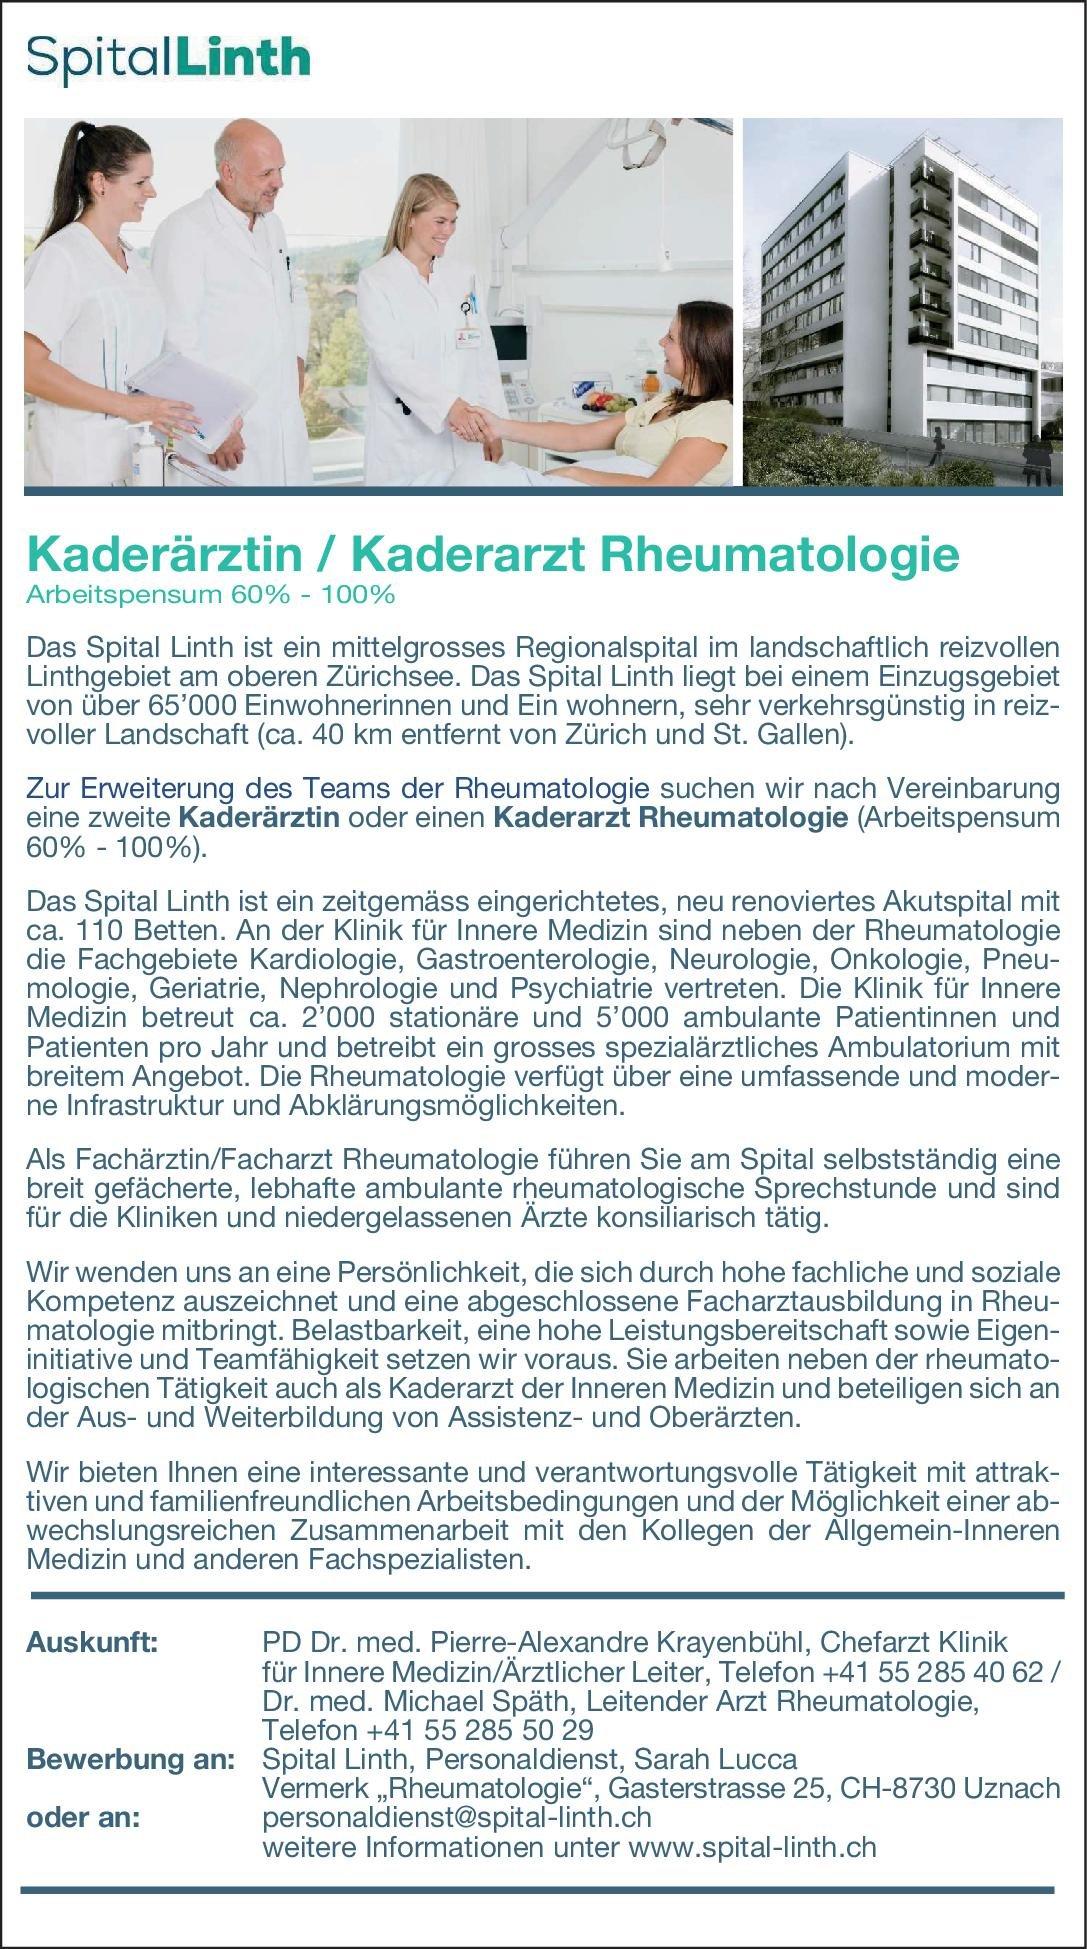 Spital Linth Kaderärztin/Kaderarzt Rheumatologie 60%-100%  Innere Medizin und Rheumatologie, Innere Medizin Arzt / Facharzt